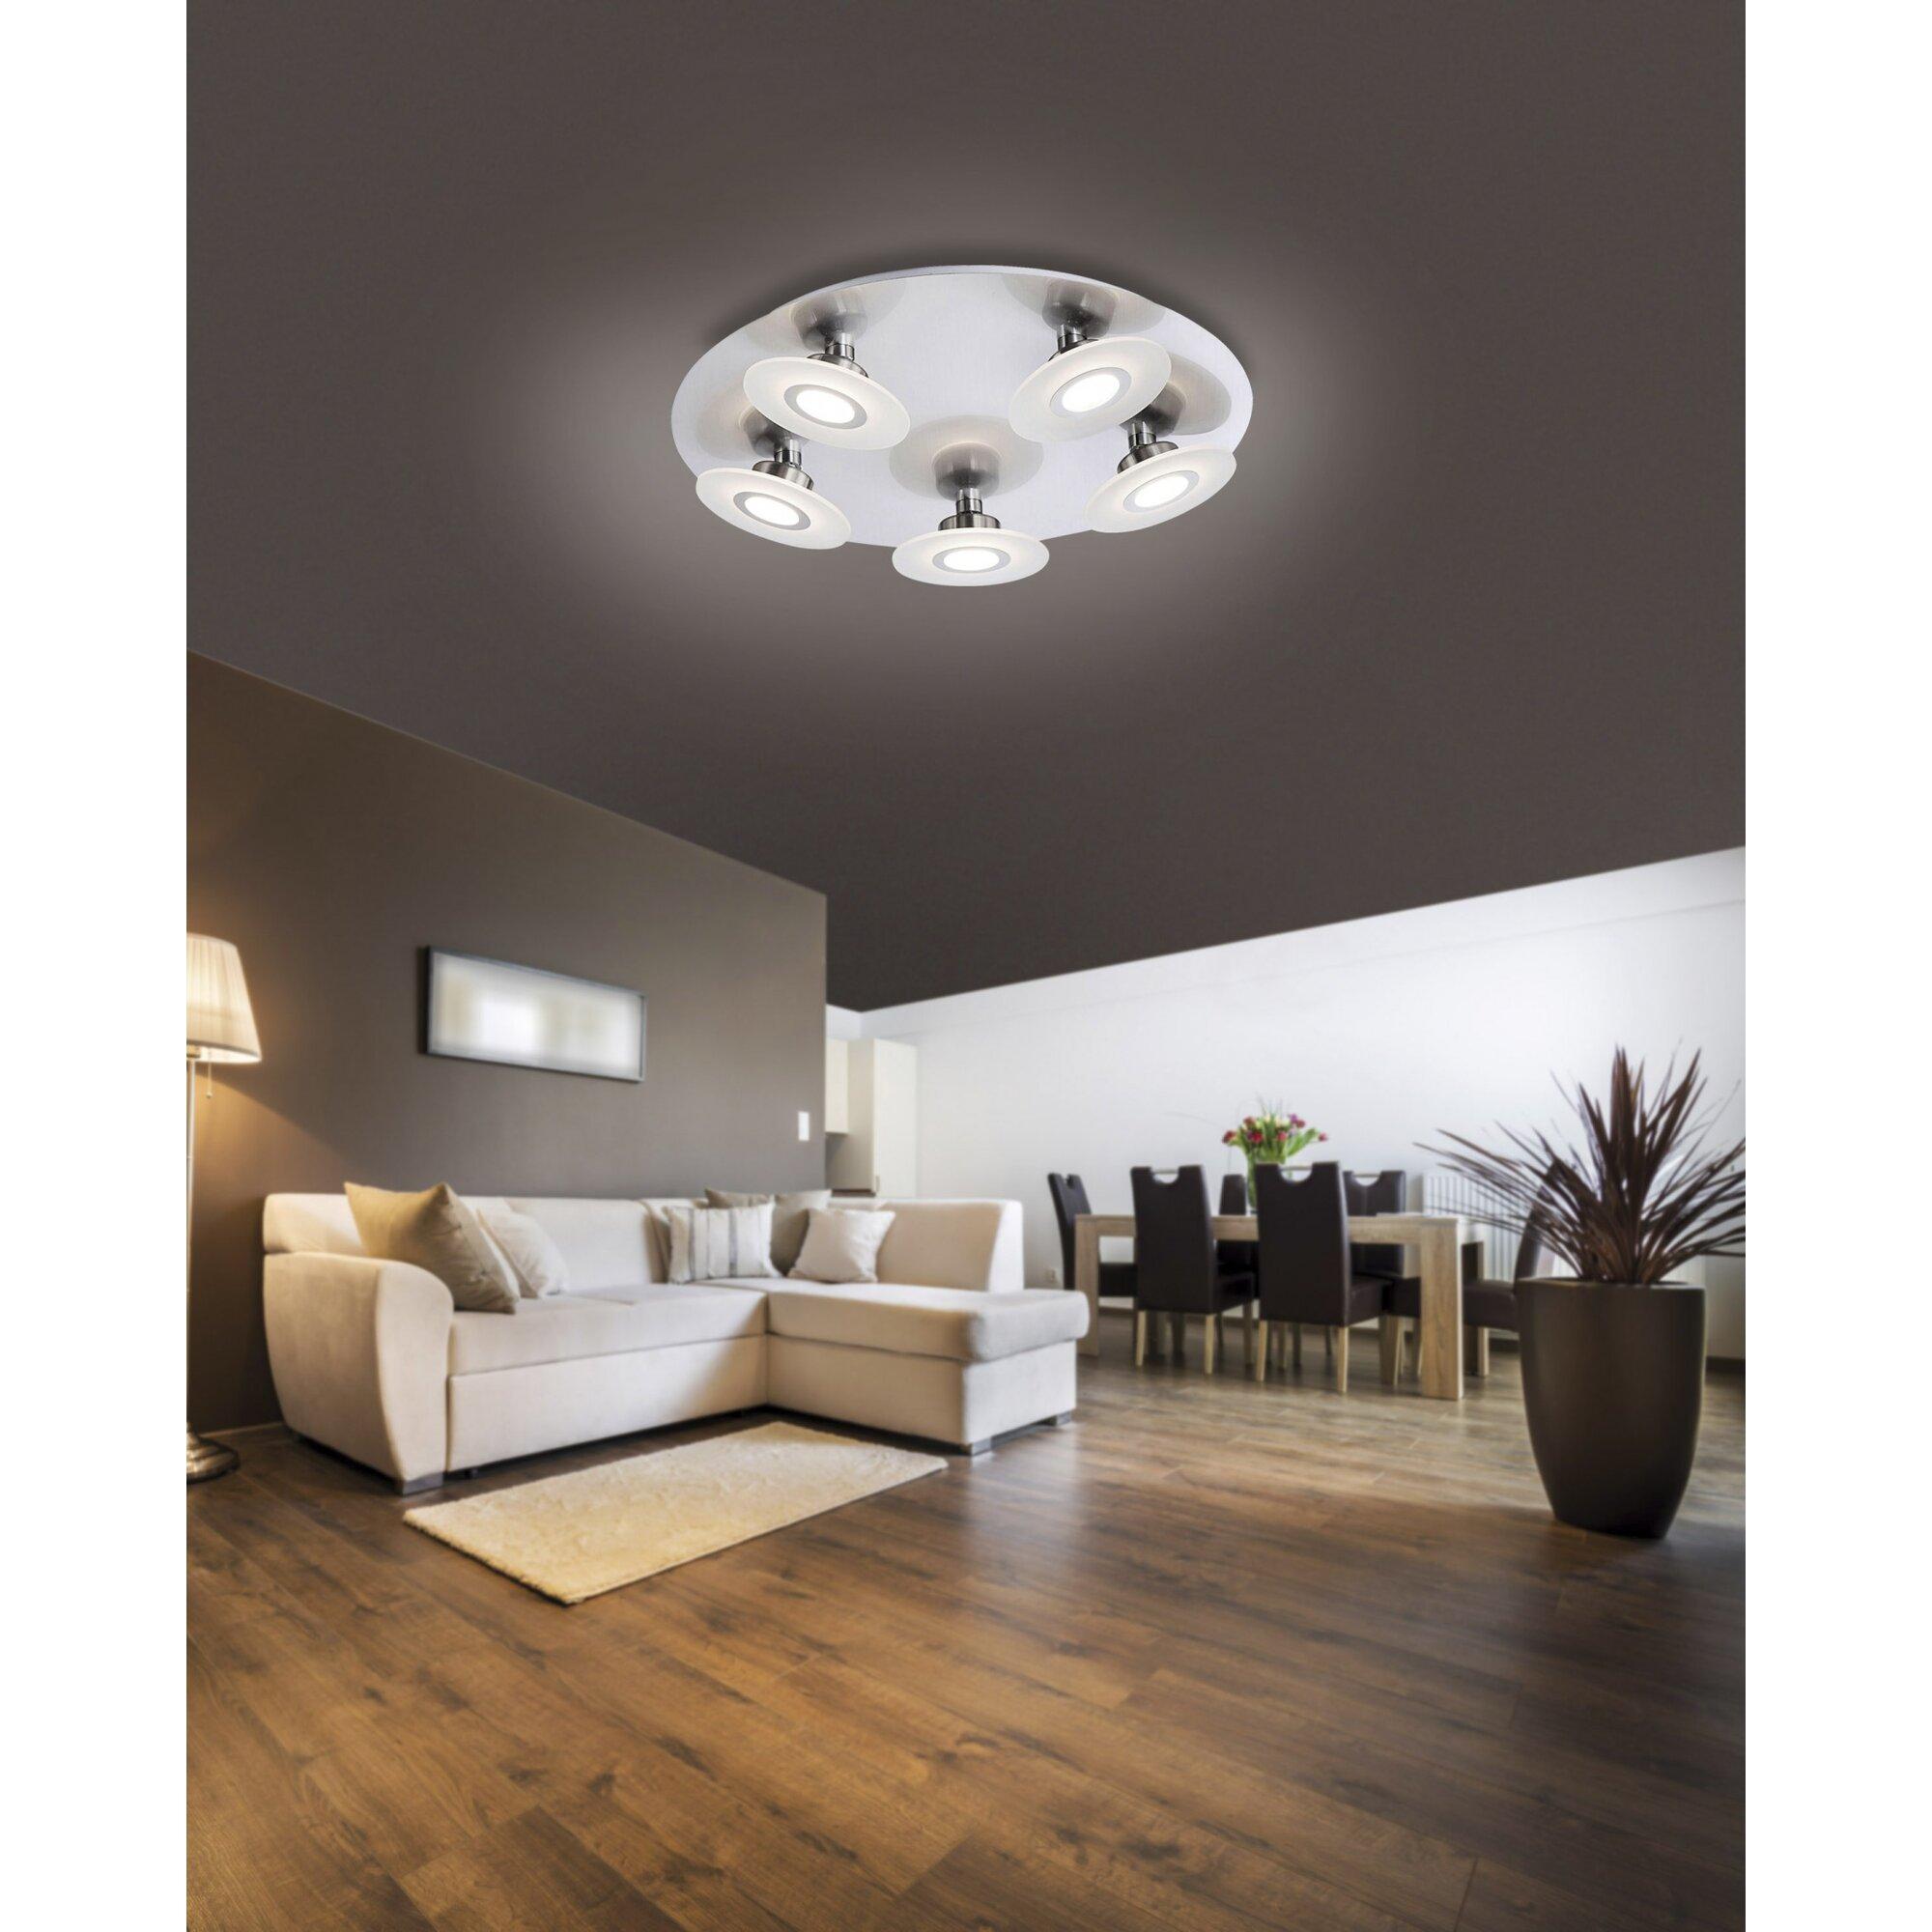 paul neuhaus deckenleuchte 5 flammig magna bewertungen. Black Bedroom Furniture Sets. Home Design Ideas